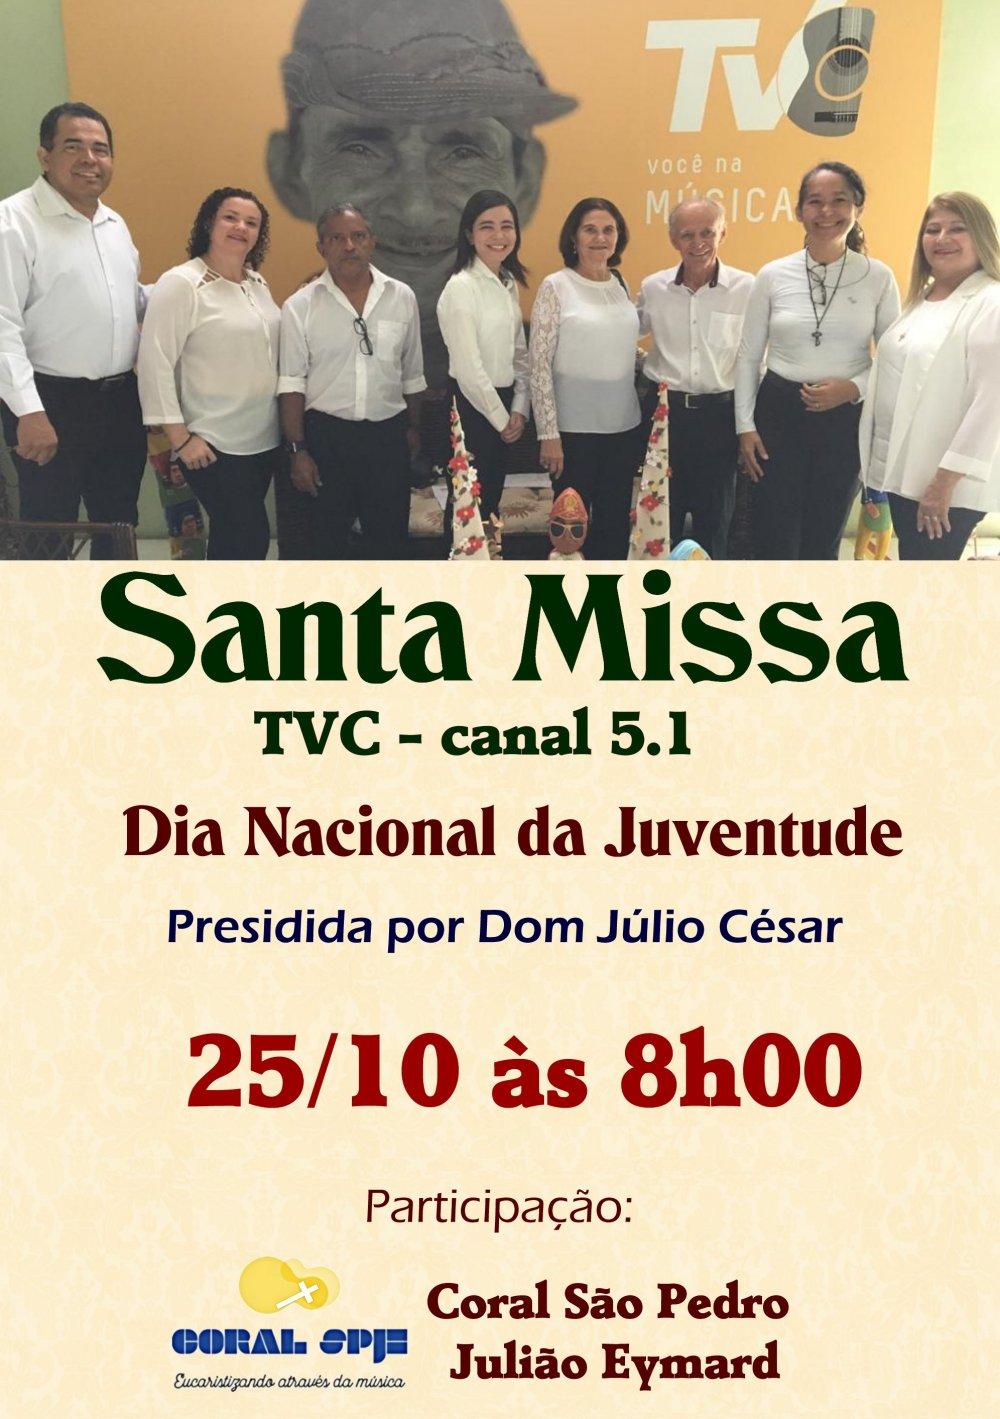 Coral São Pedro Julião Eymard celebrará Dia Nacional da Juventude (DNJ) na missa da TVC, 25/10.